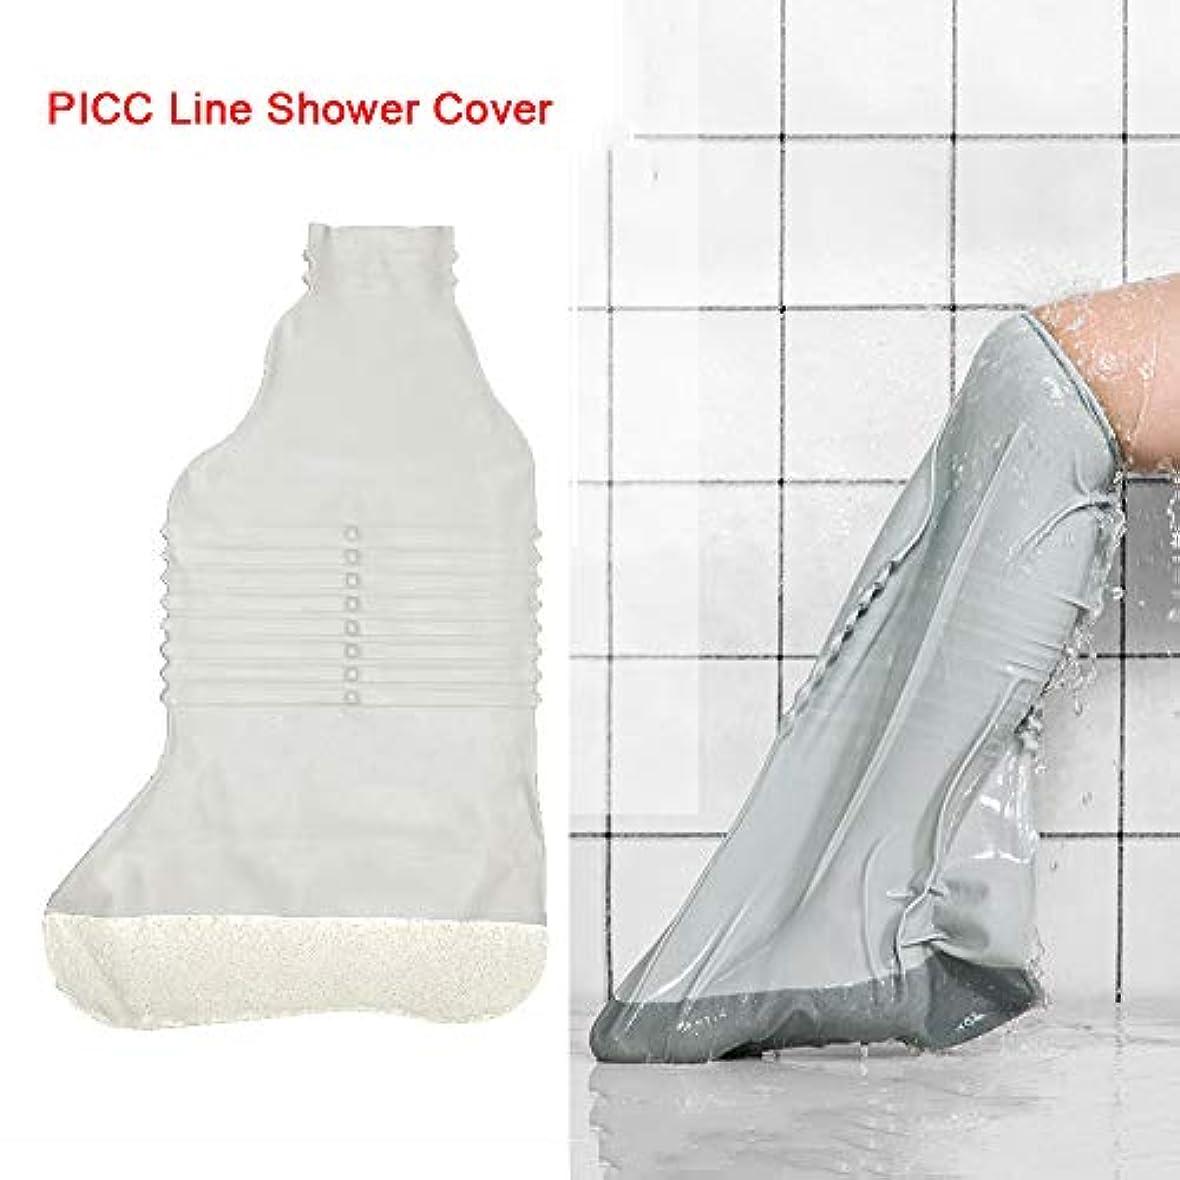 なので前奏曲希少性PICCラインシャワーカバー、  PICCは、創傷防水看護キット肘術後の創傷火傷スイム防水ケース(ハンド/フット)